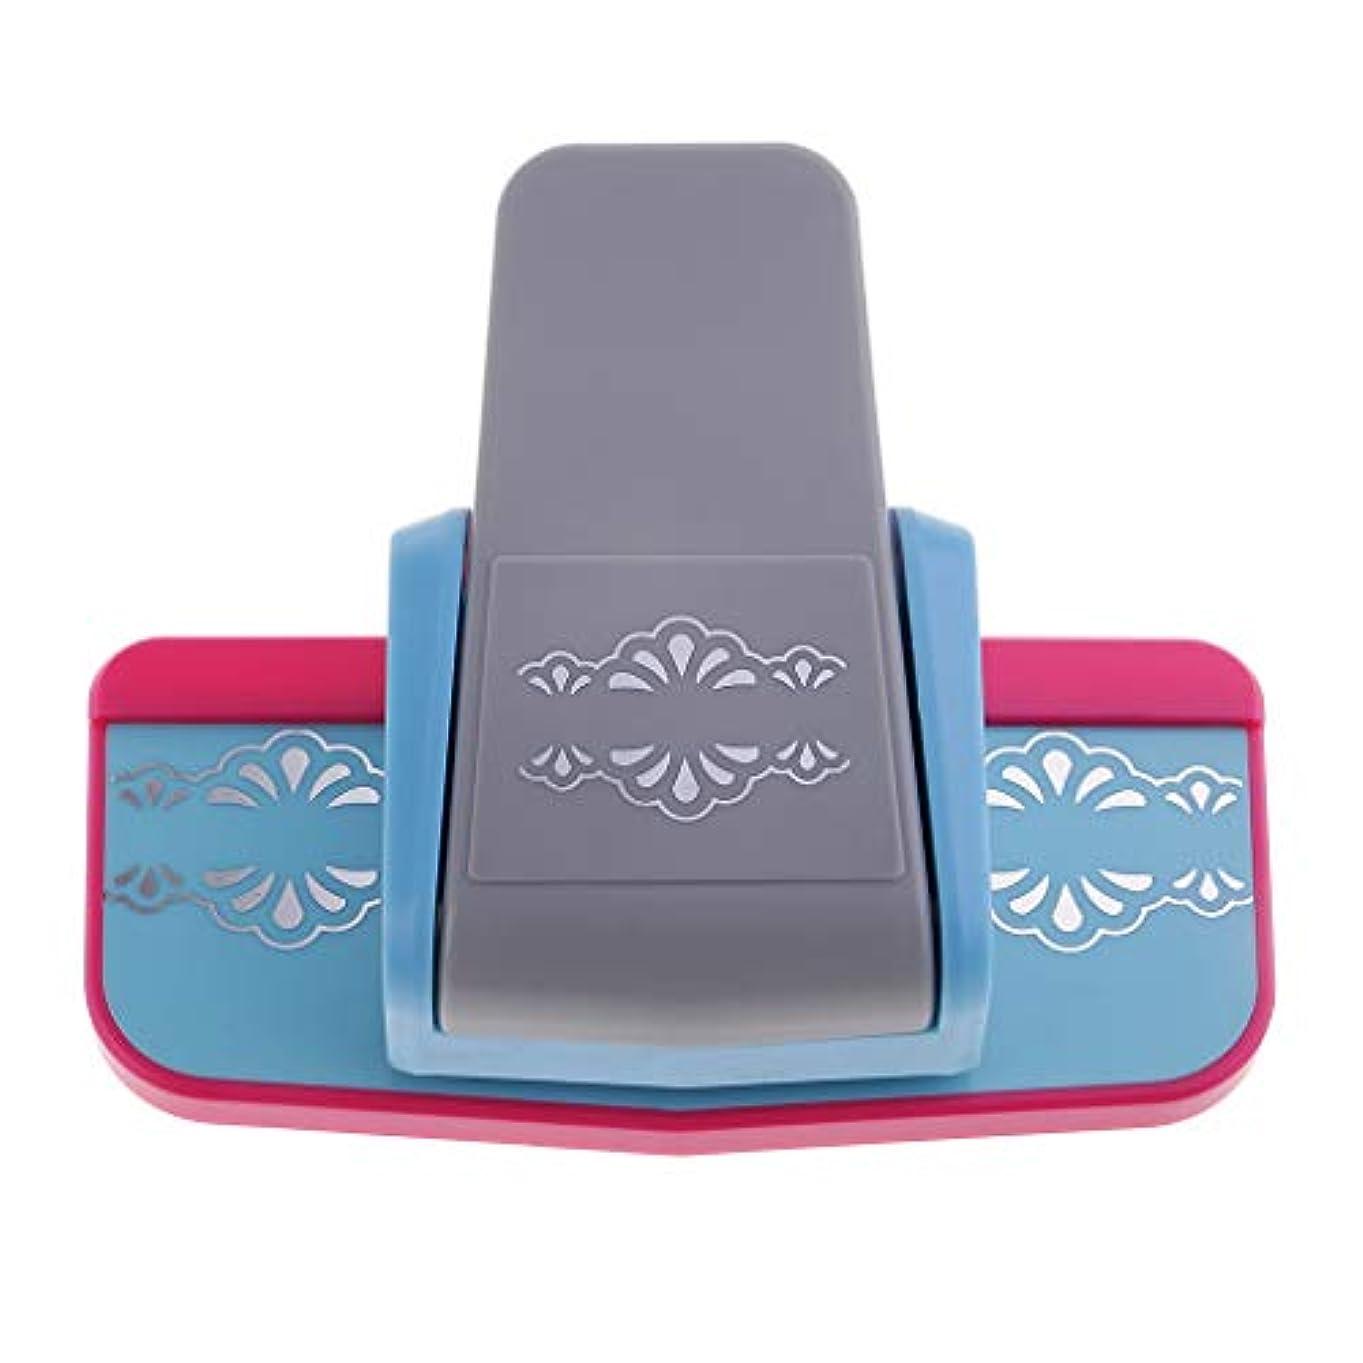 高めるシーケンス慰めFLAMEER カール事務器 クラフトパンチ 穴あけパンチ DIY手芸 多機能 使いやすい ABS メタル 2種選ぶ - ダブルサイドデイジー